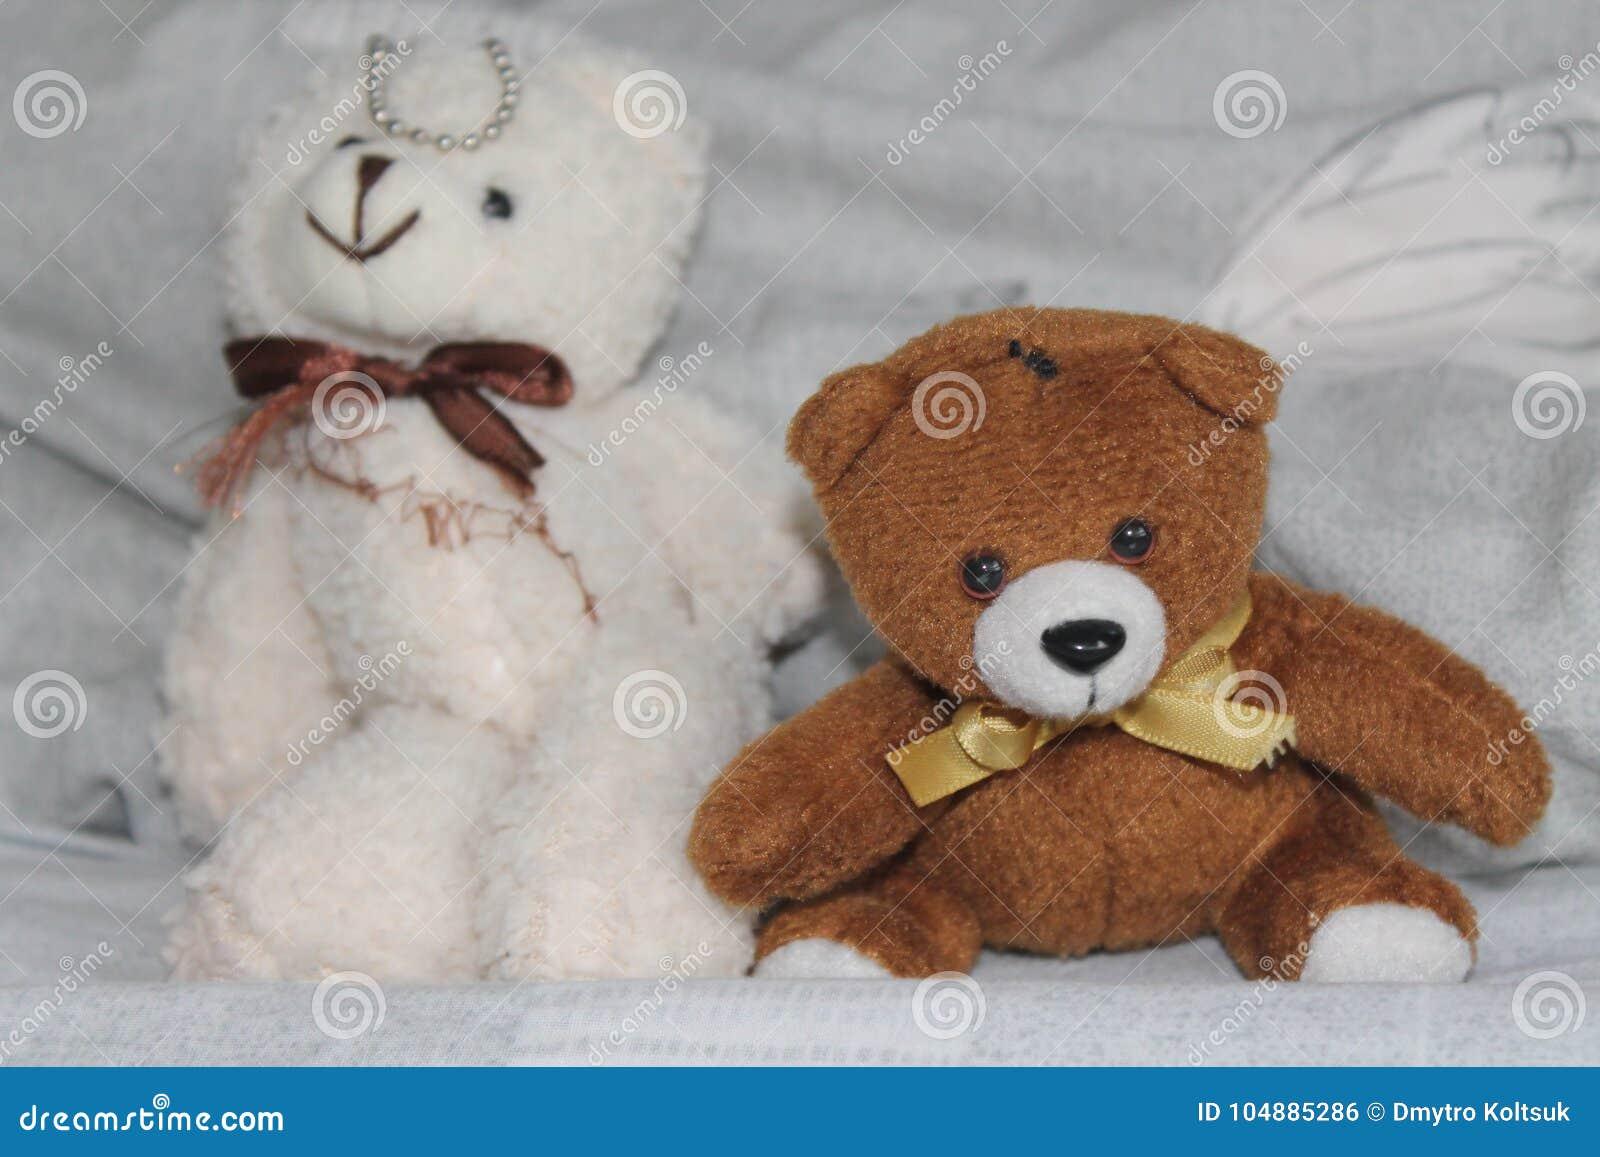 Weiße und schwarze Bären spielen das Sitzen auf dem Bett